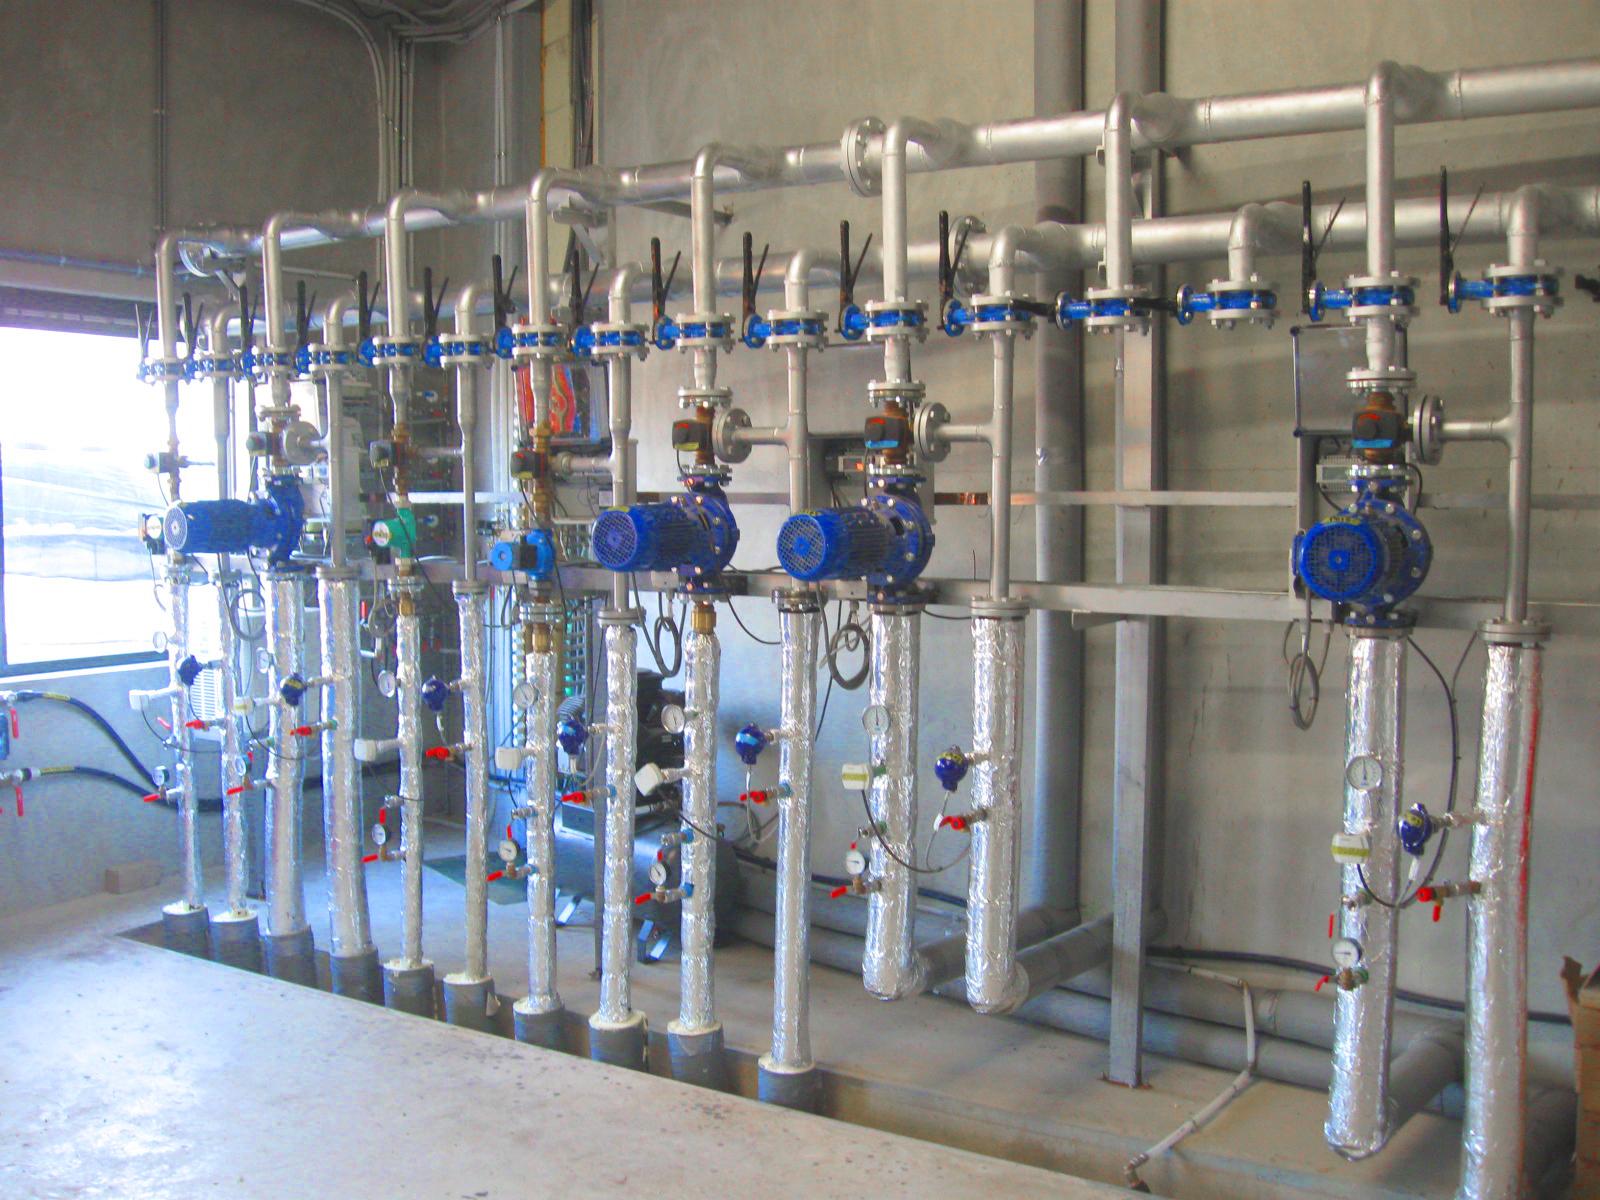 04 Planta de Biogás de 2 MW en Moerstraten Países Bajos -Colector circuitos calefacción -Sistema de calefacción para biodigestores